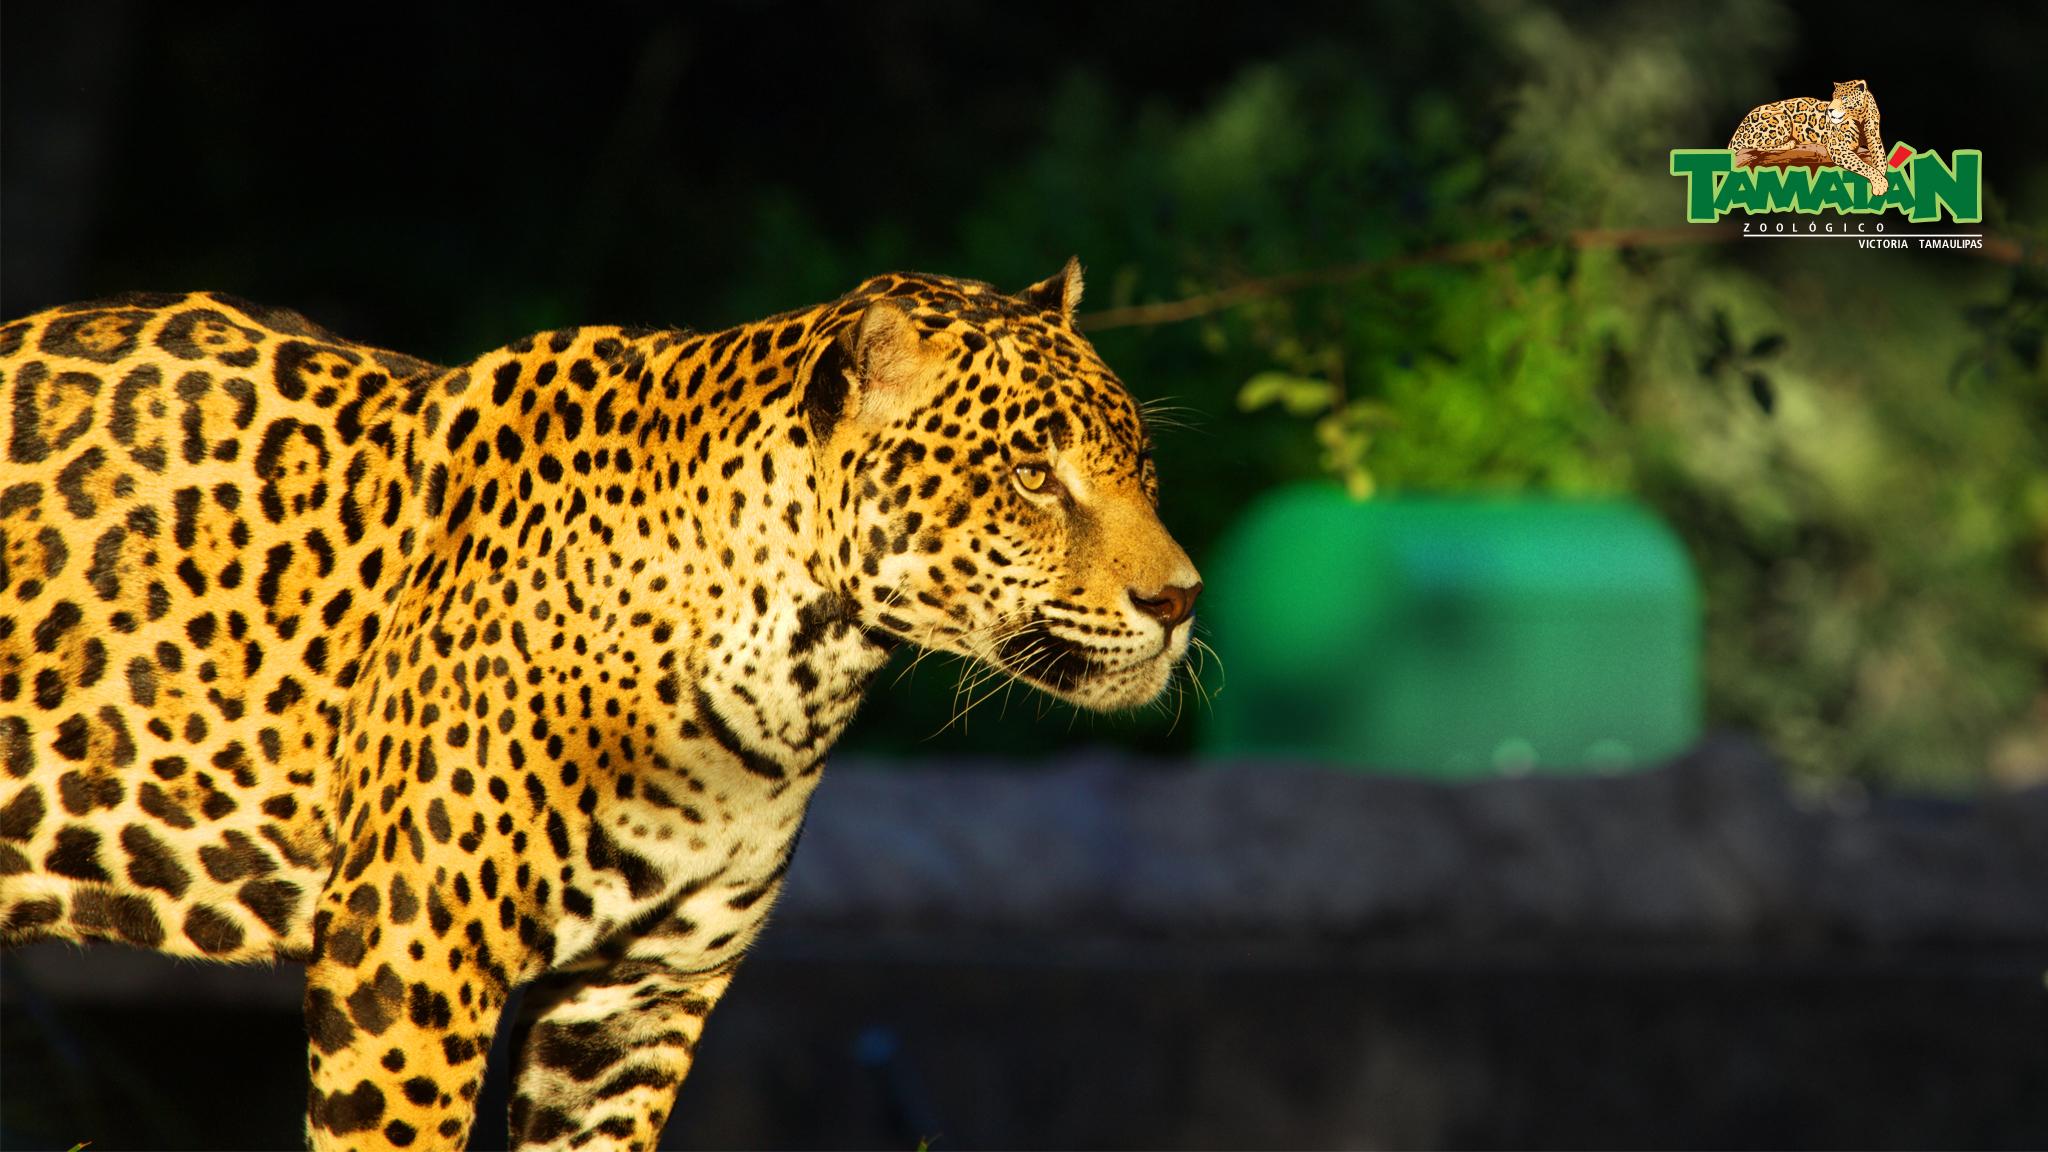 Zoolgico Tamatn Gobierno del Estado de Tamaulipas 2048x1152